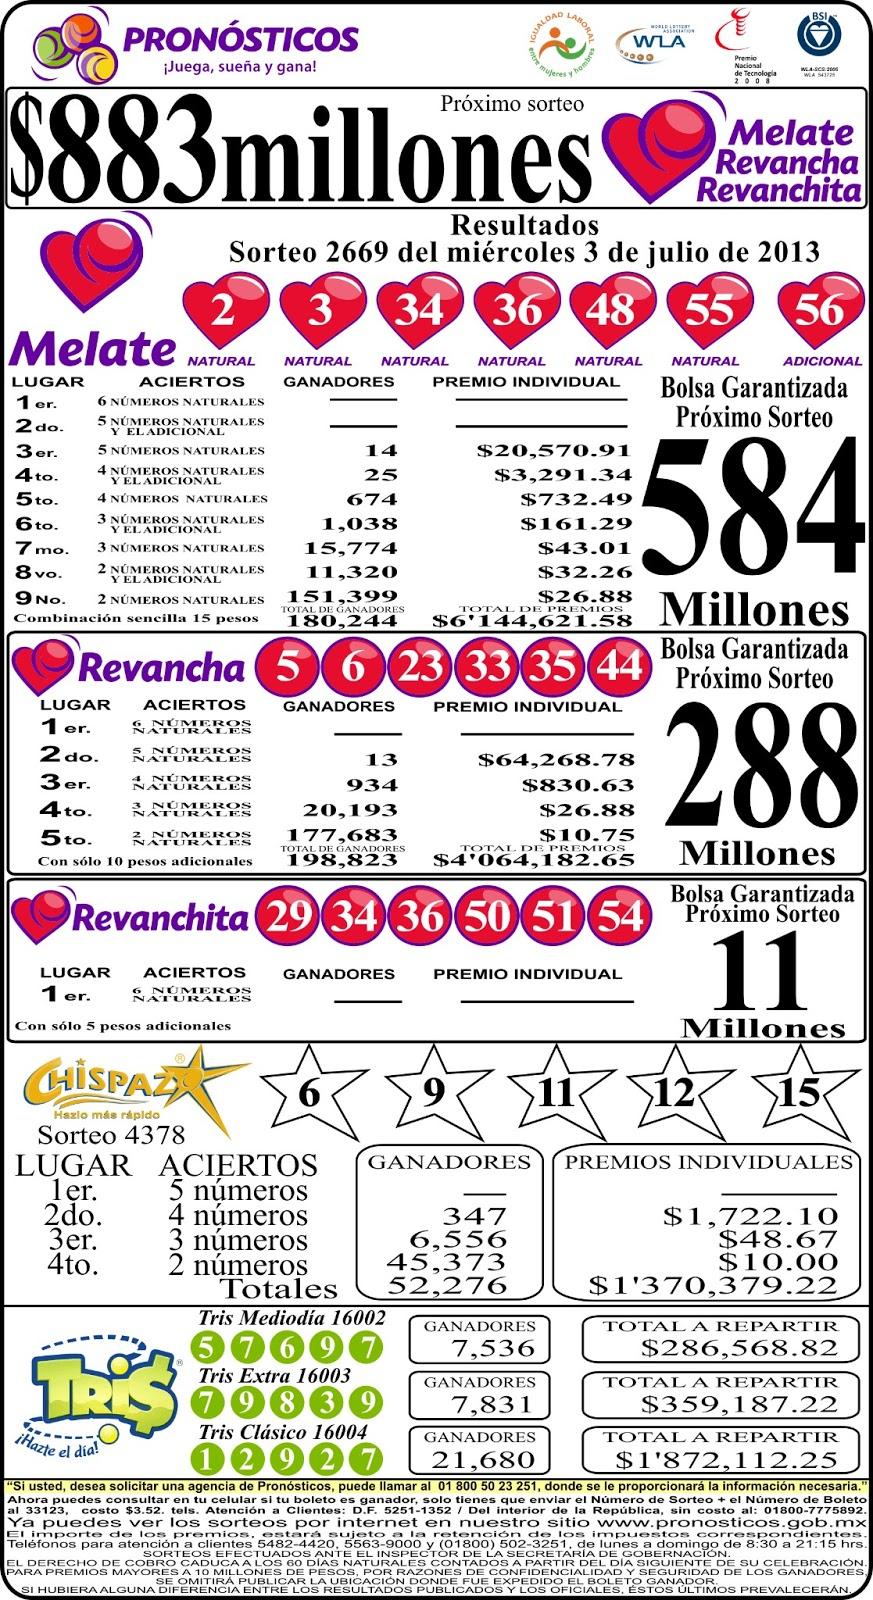 MASCARILLA DE RESULTADOS (Melate Tris Chispazo) 03 de